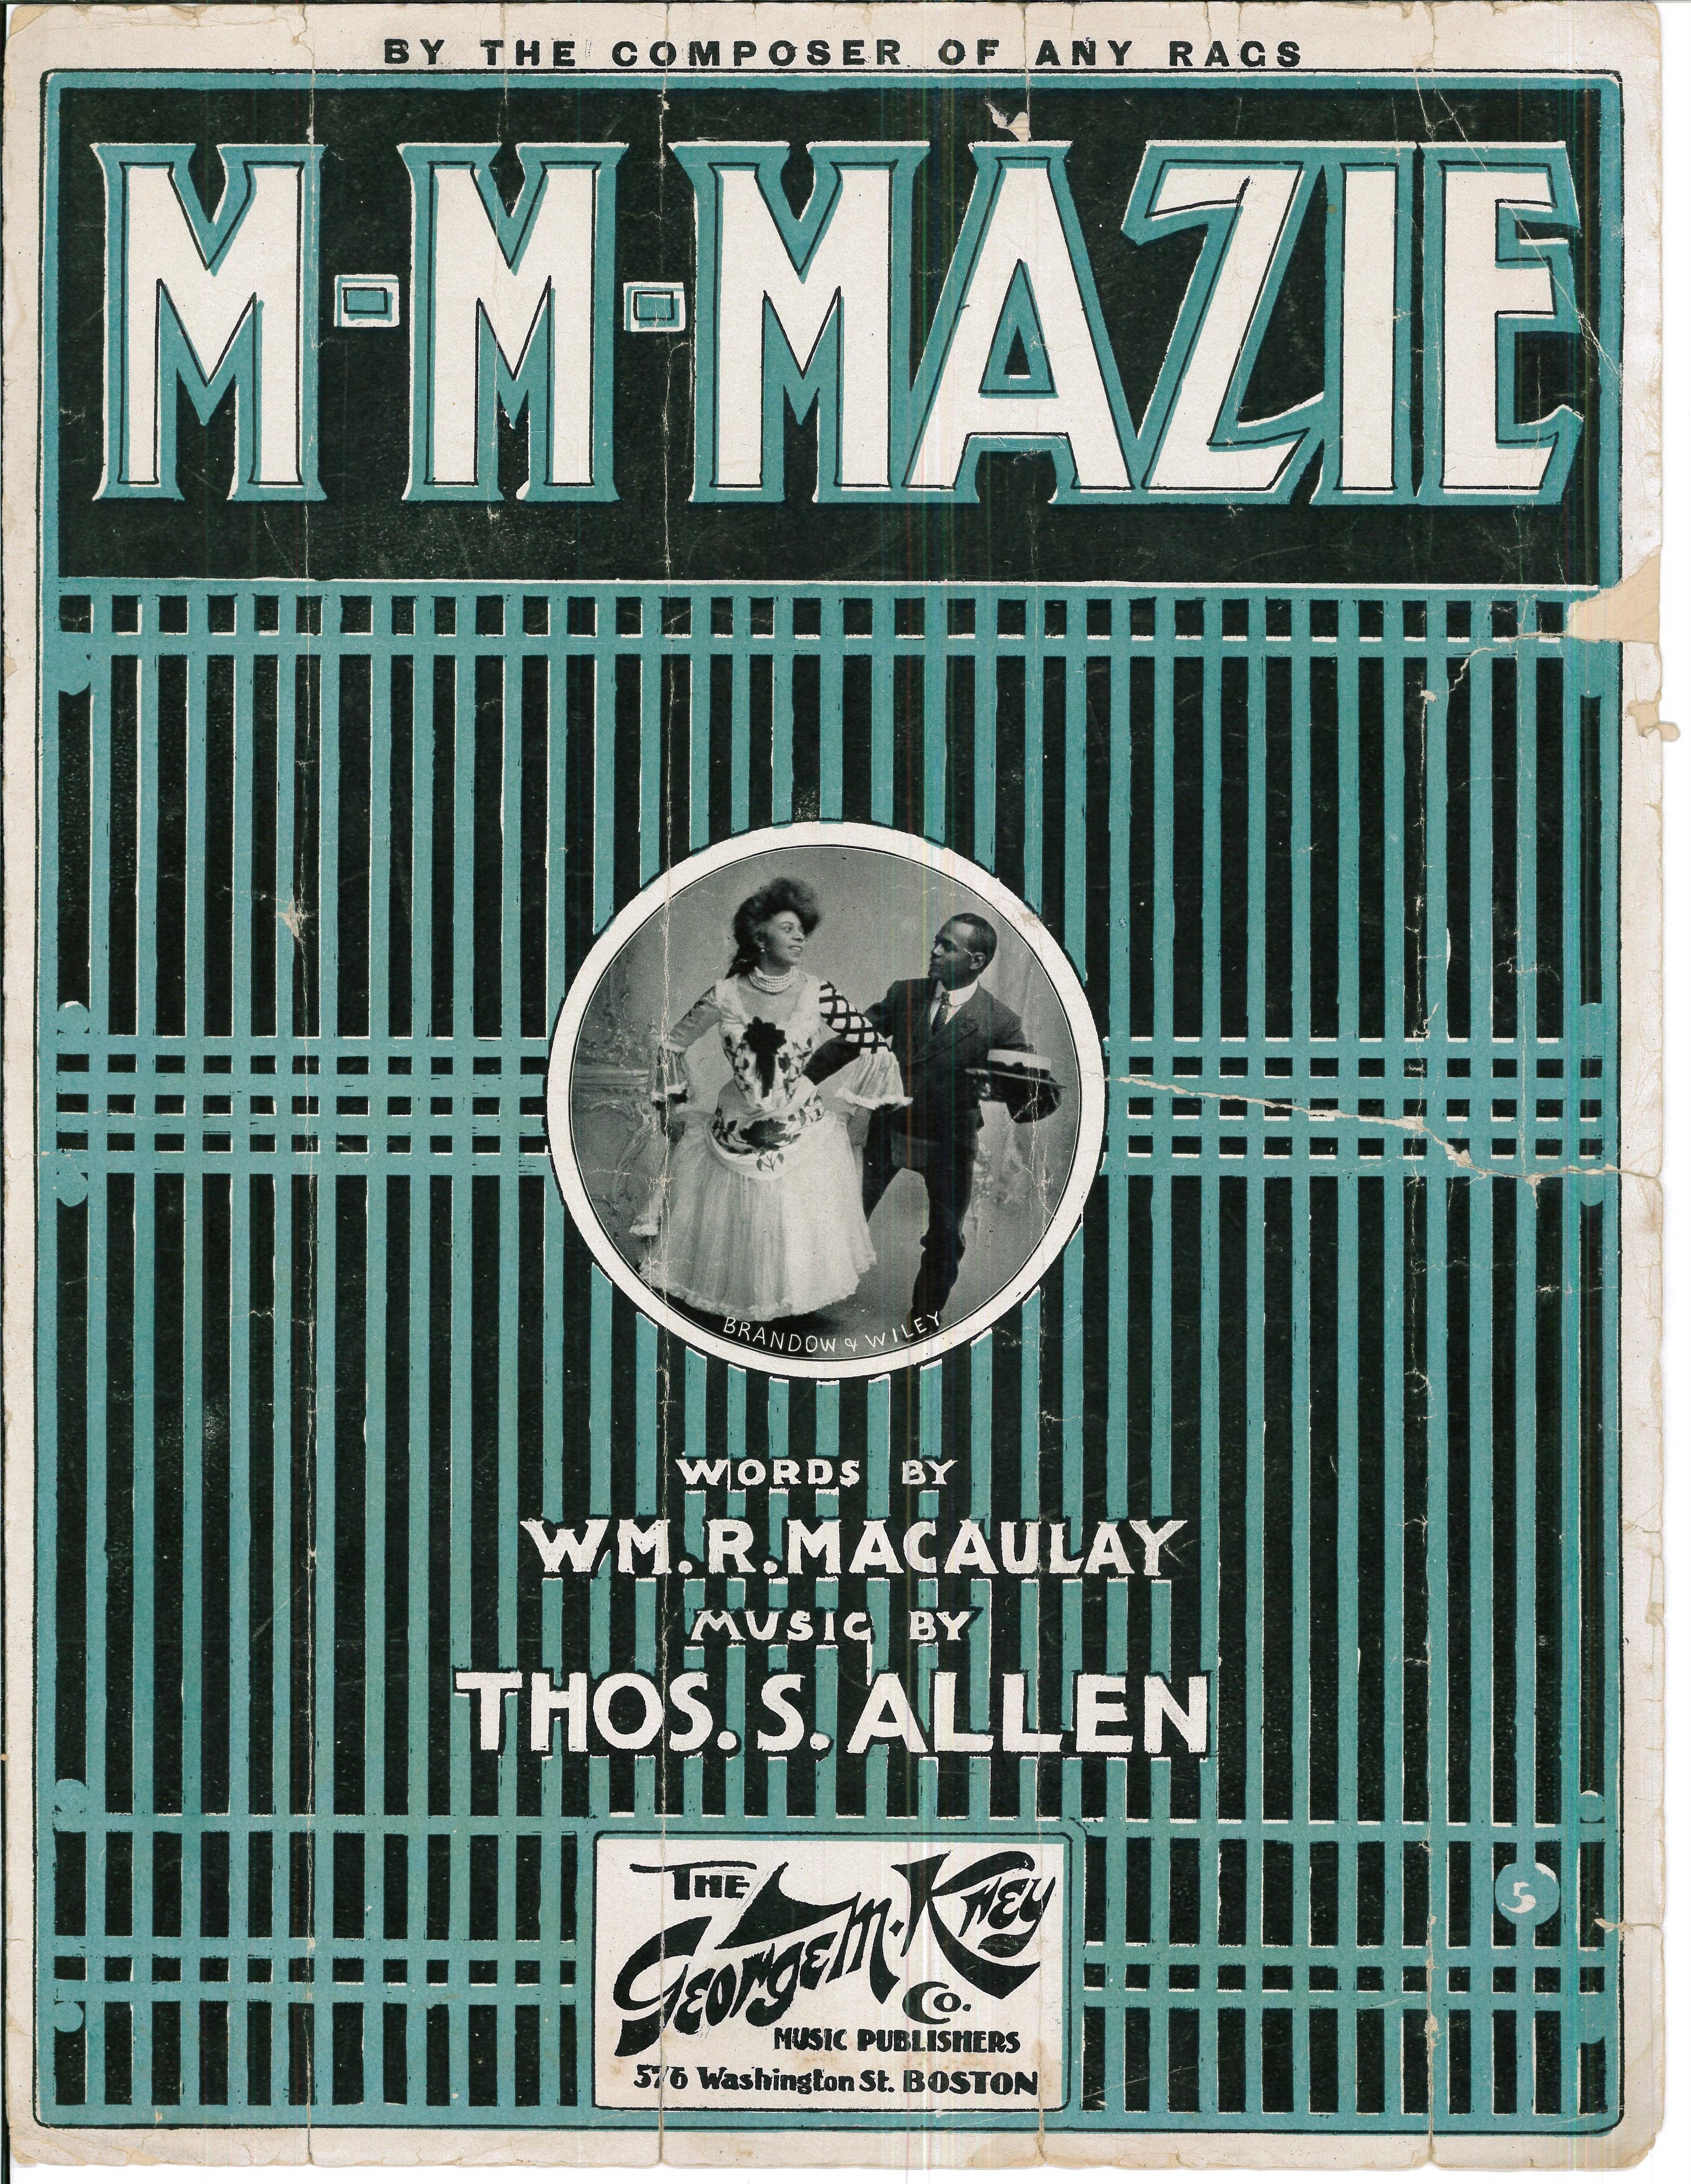 m-m-mazie